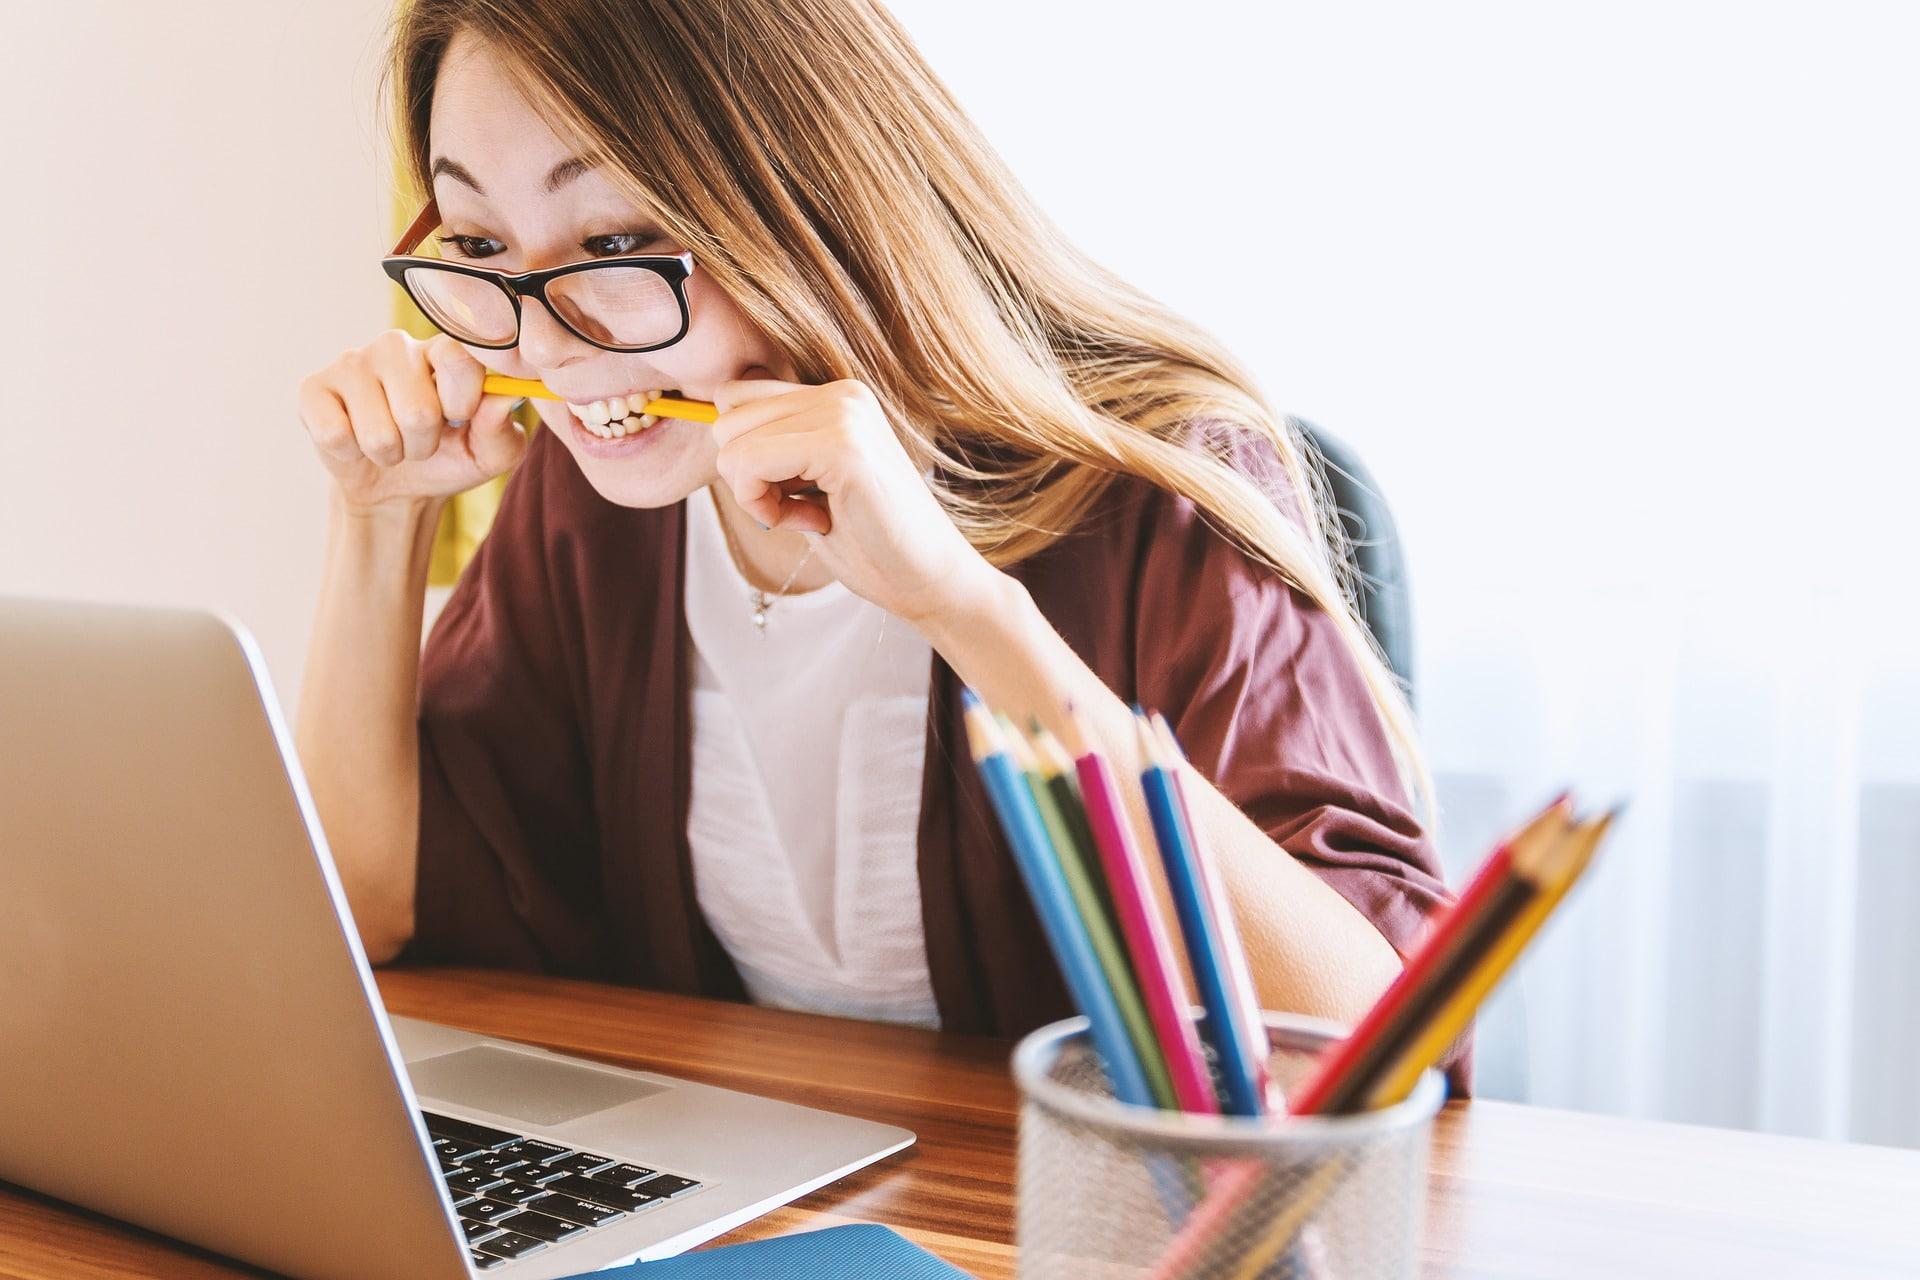 femme travaille à son bureau, crayon en bouche